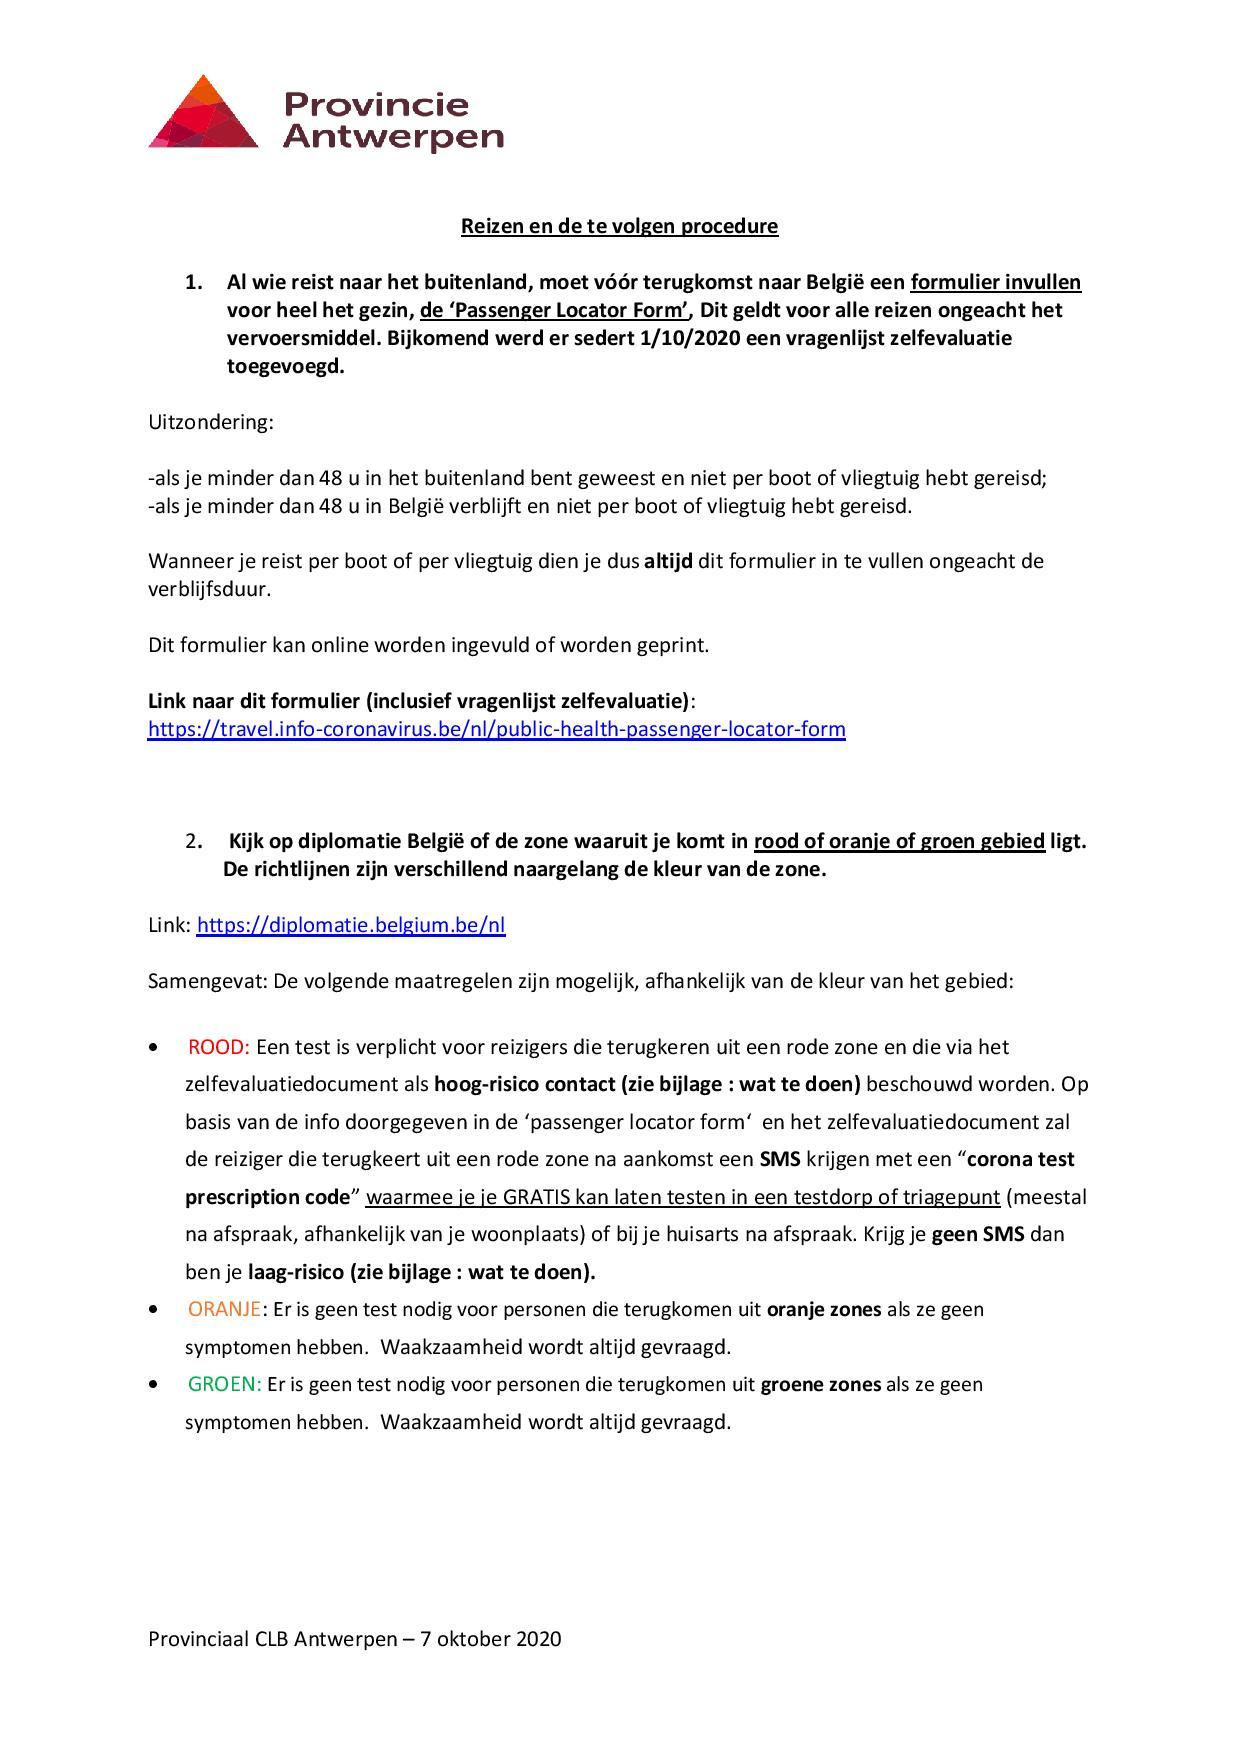 Reizen en de te volgen procedure page 001